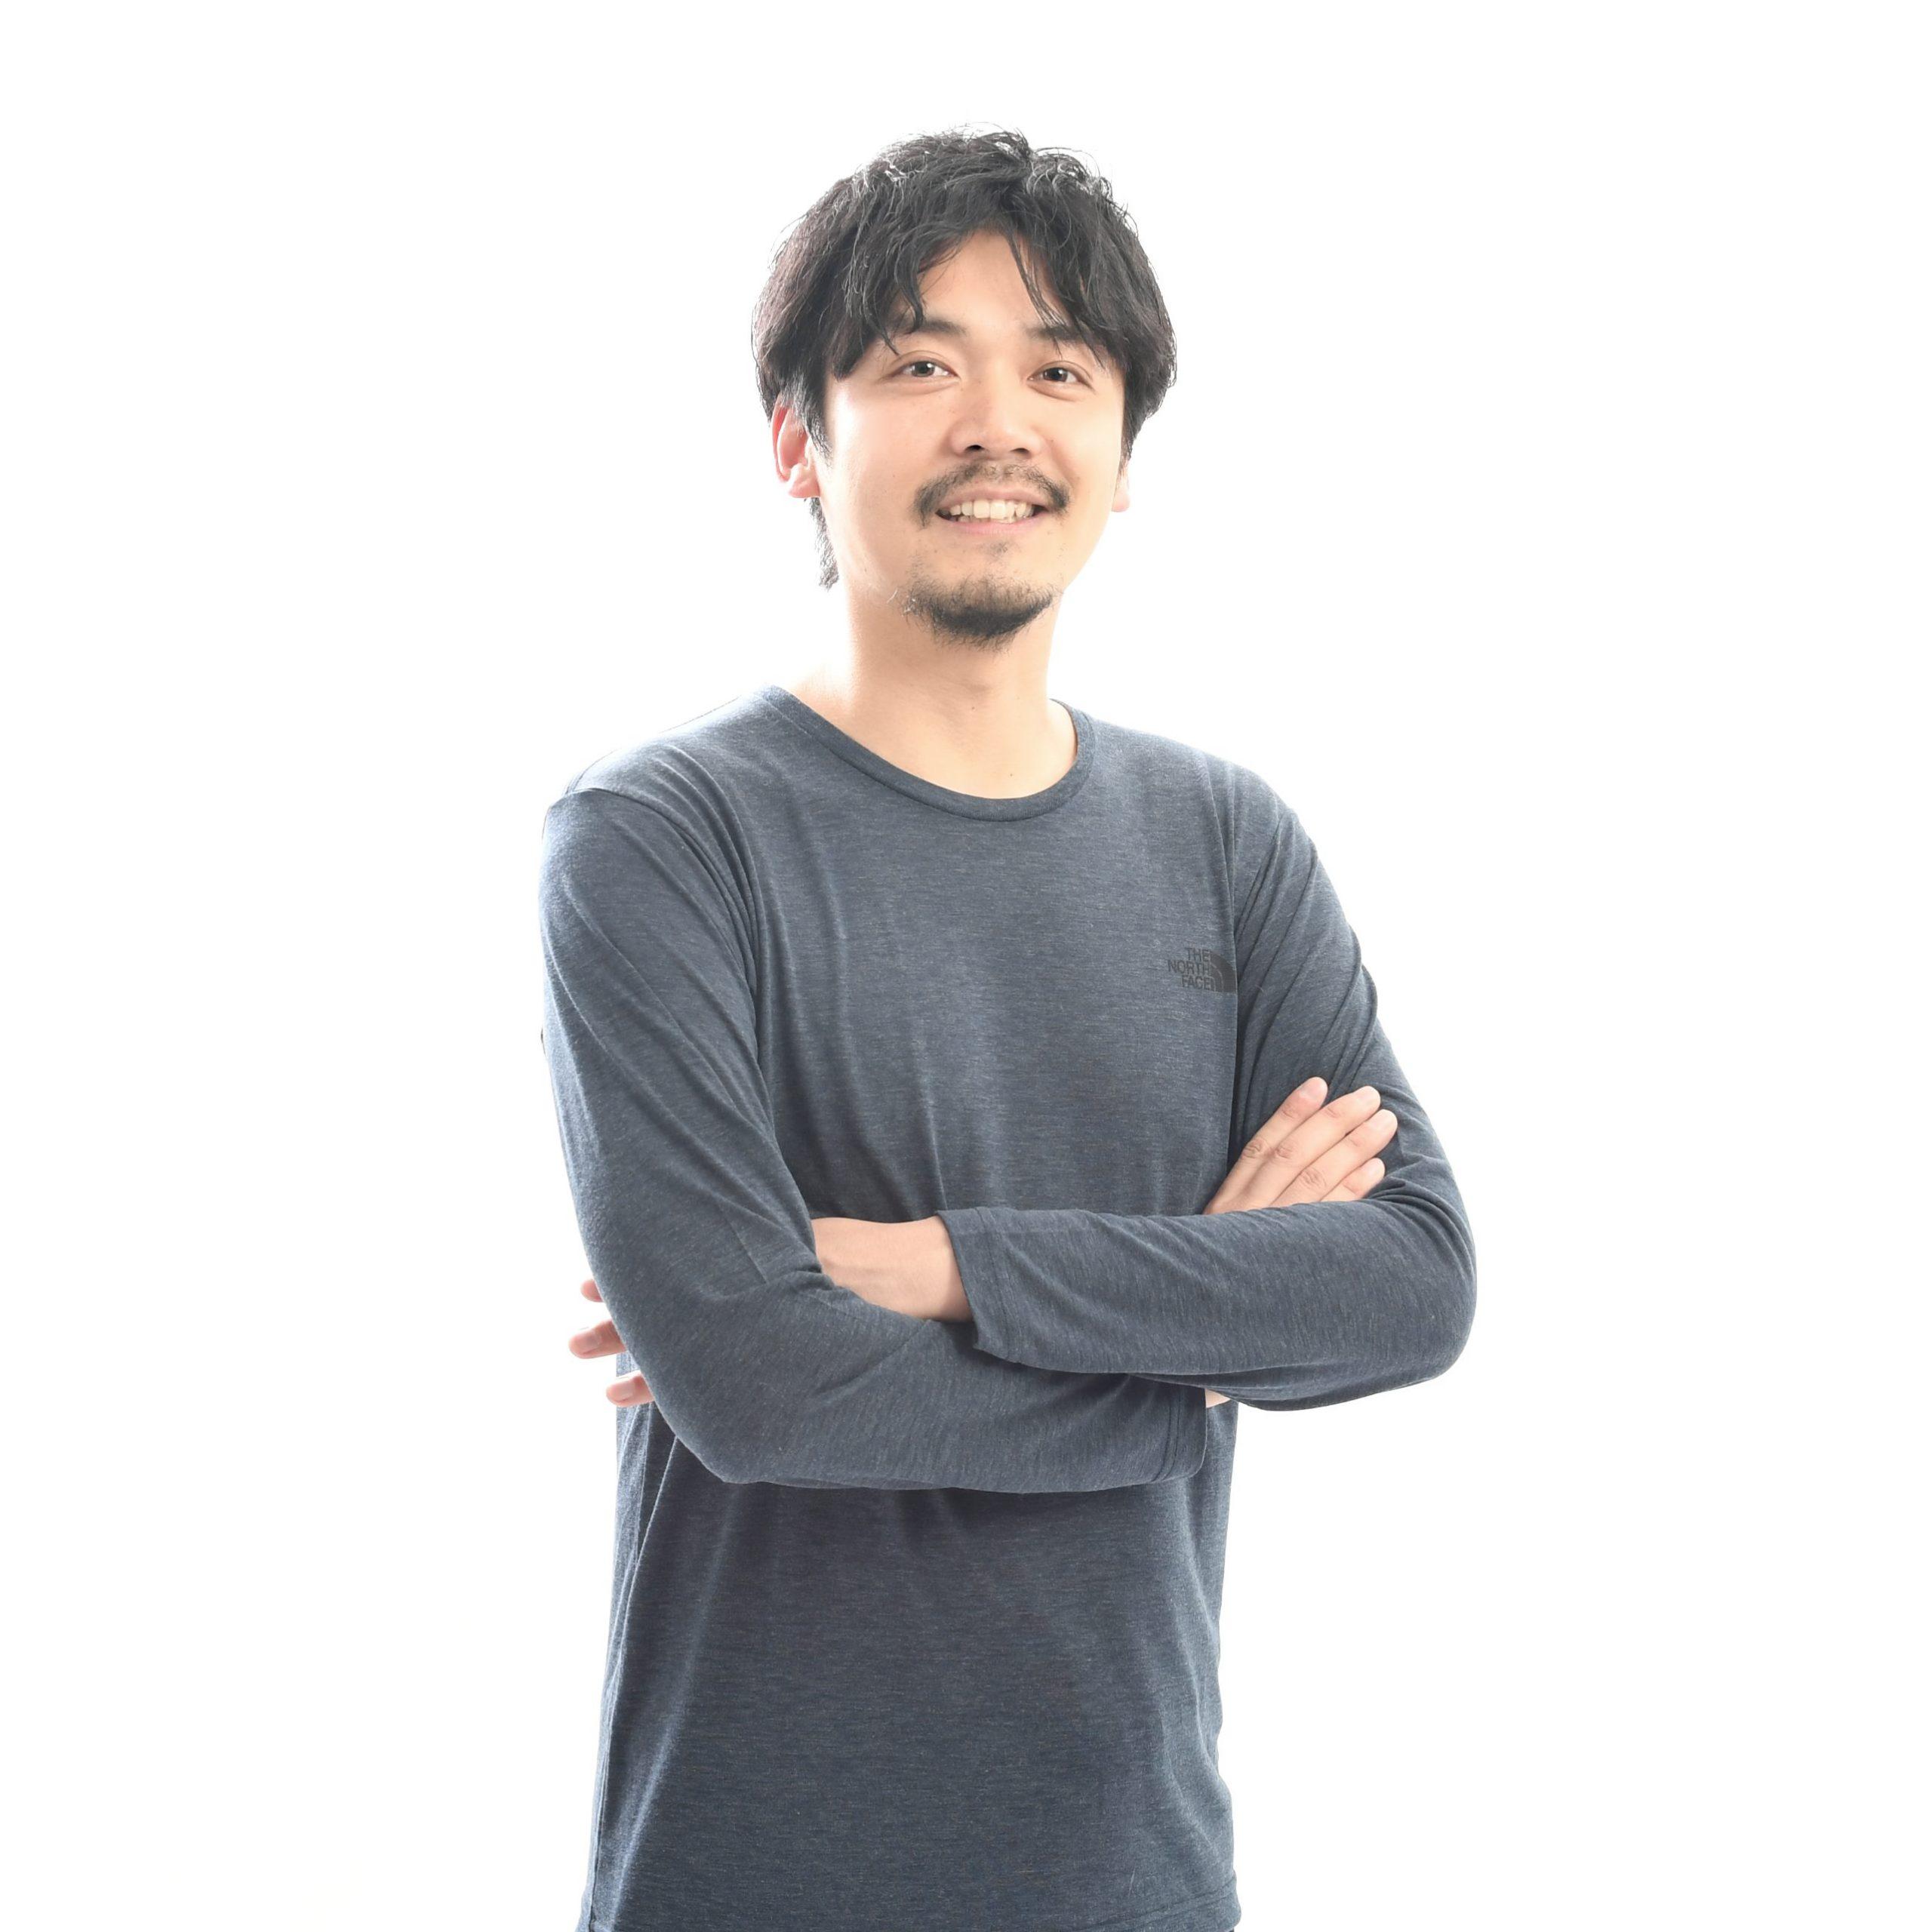 エンカレッジの代表の林晋吾さんの許可をいただき、プロフィール写真を掲載させていただきます。